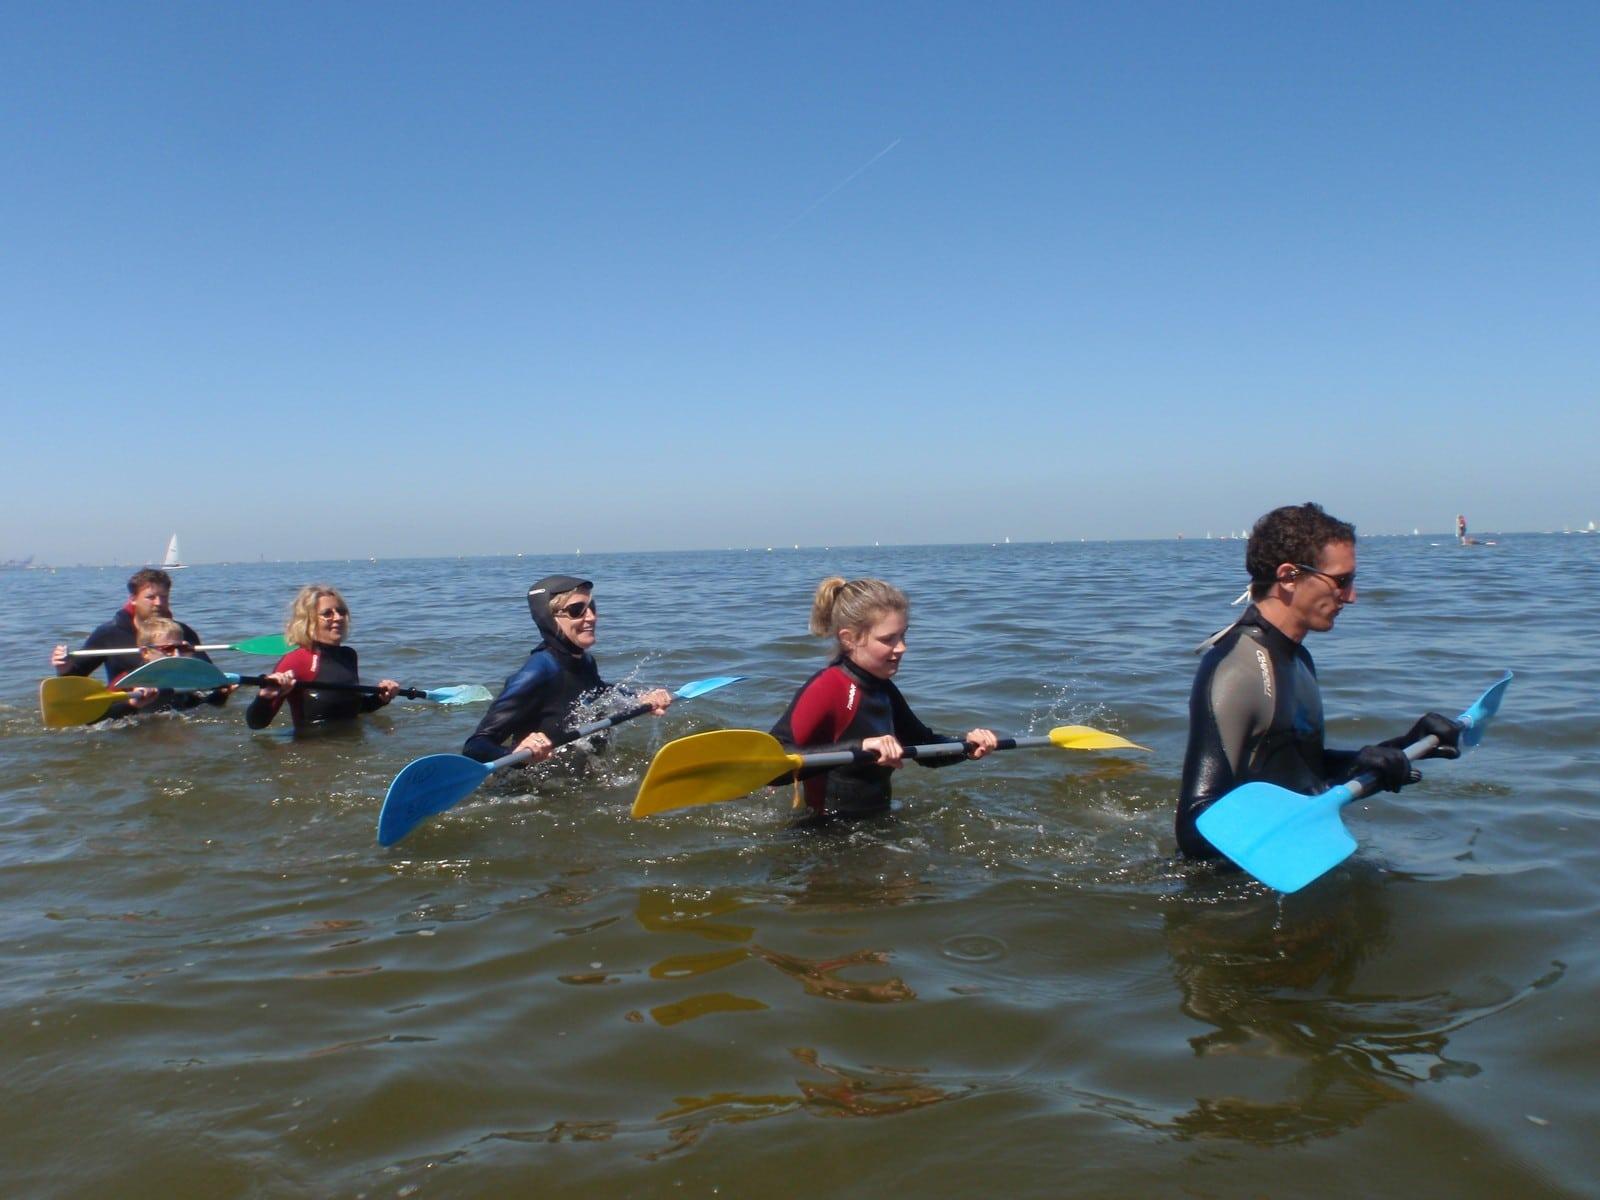 Le longe-côte, nouveau sport à découvrir pendant vos vacances !